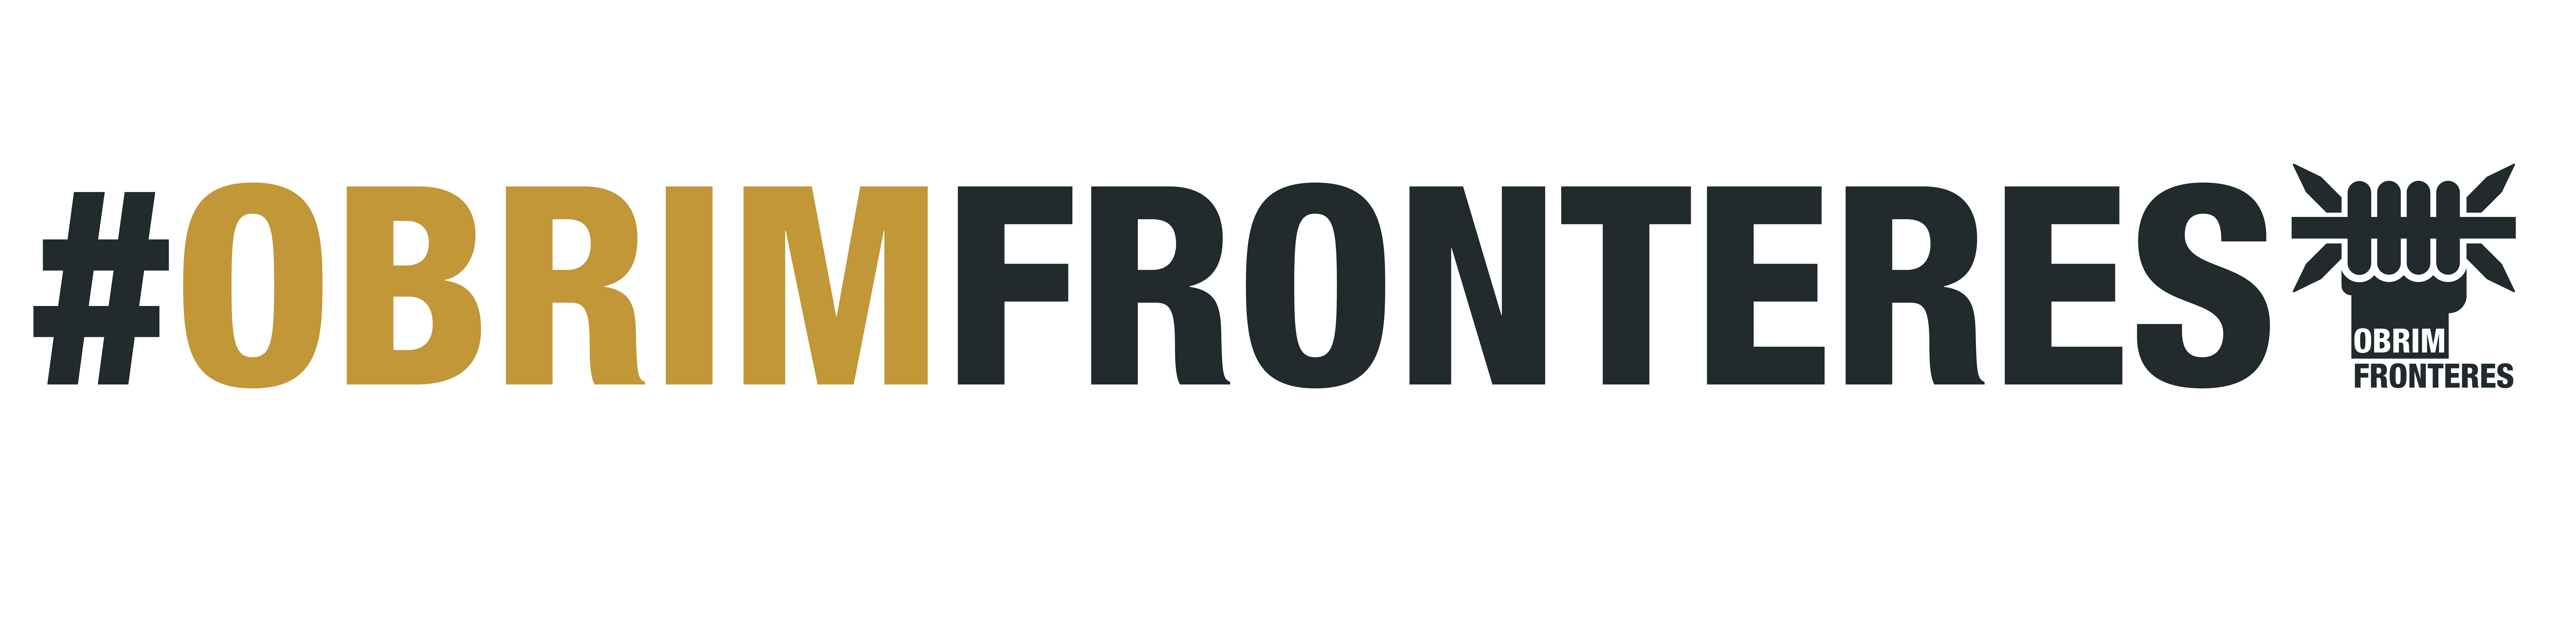 Obrim Fronteres